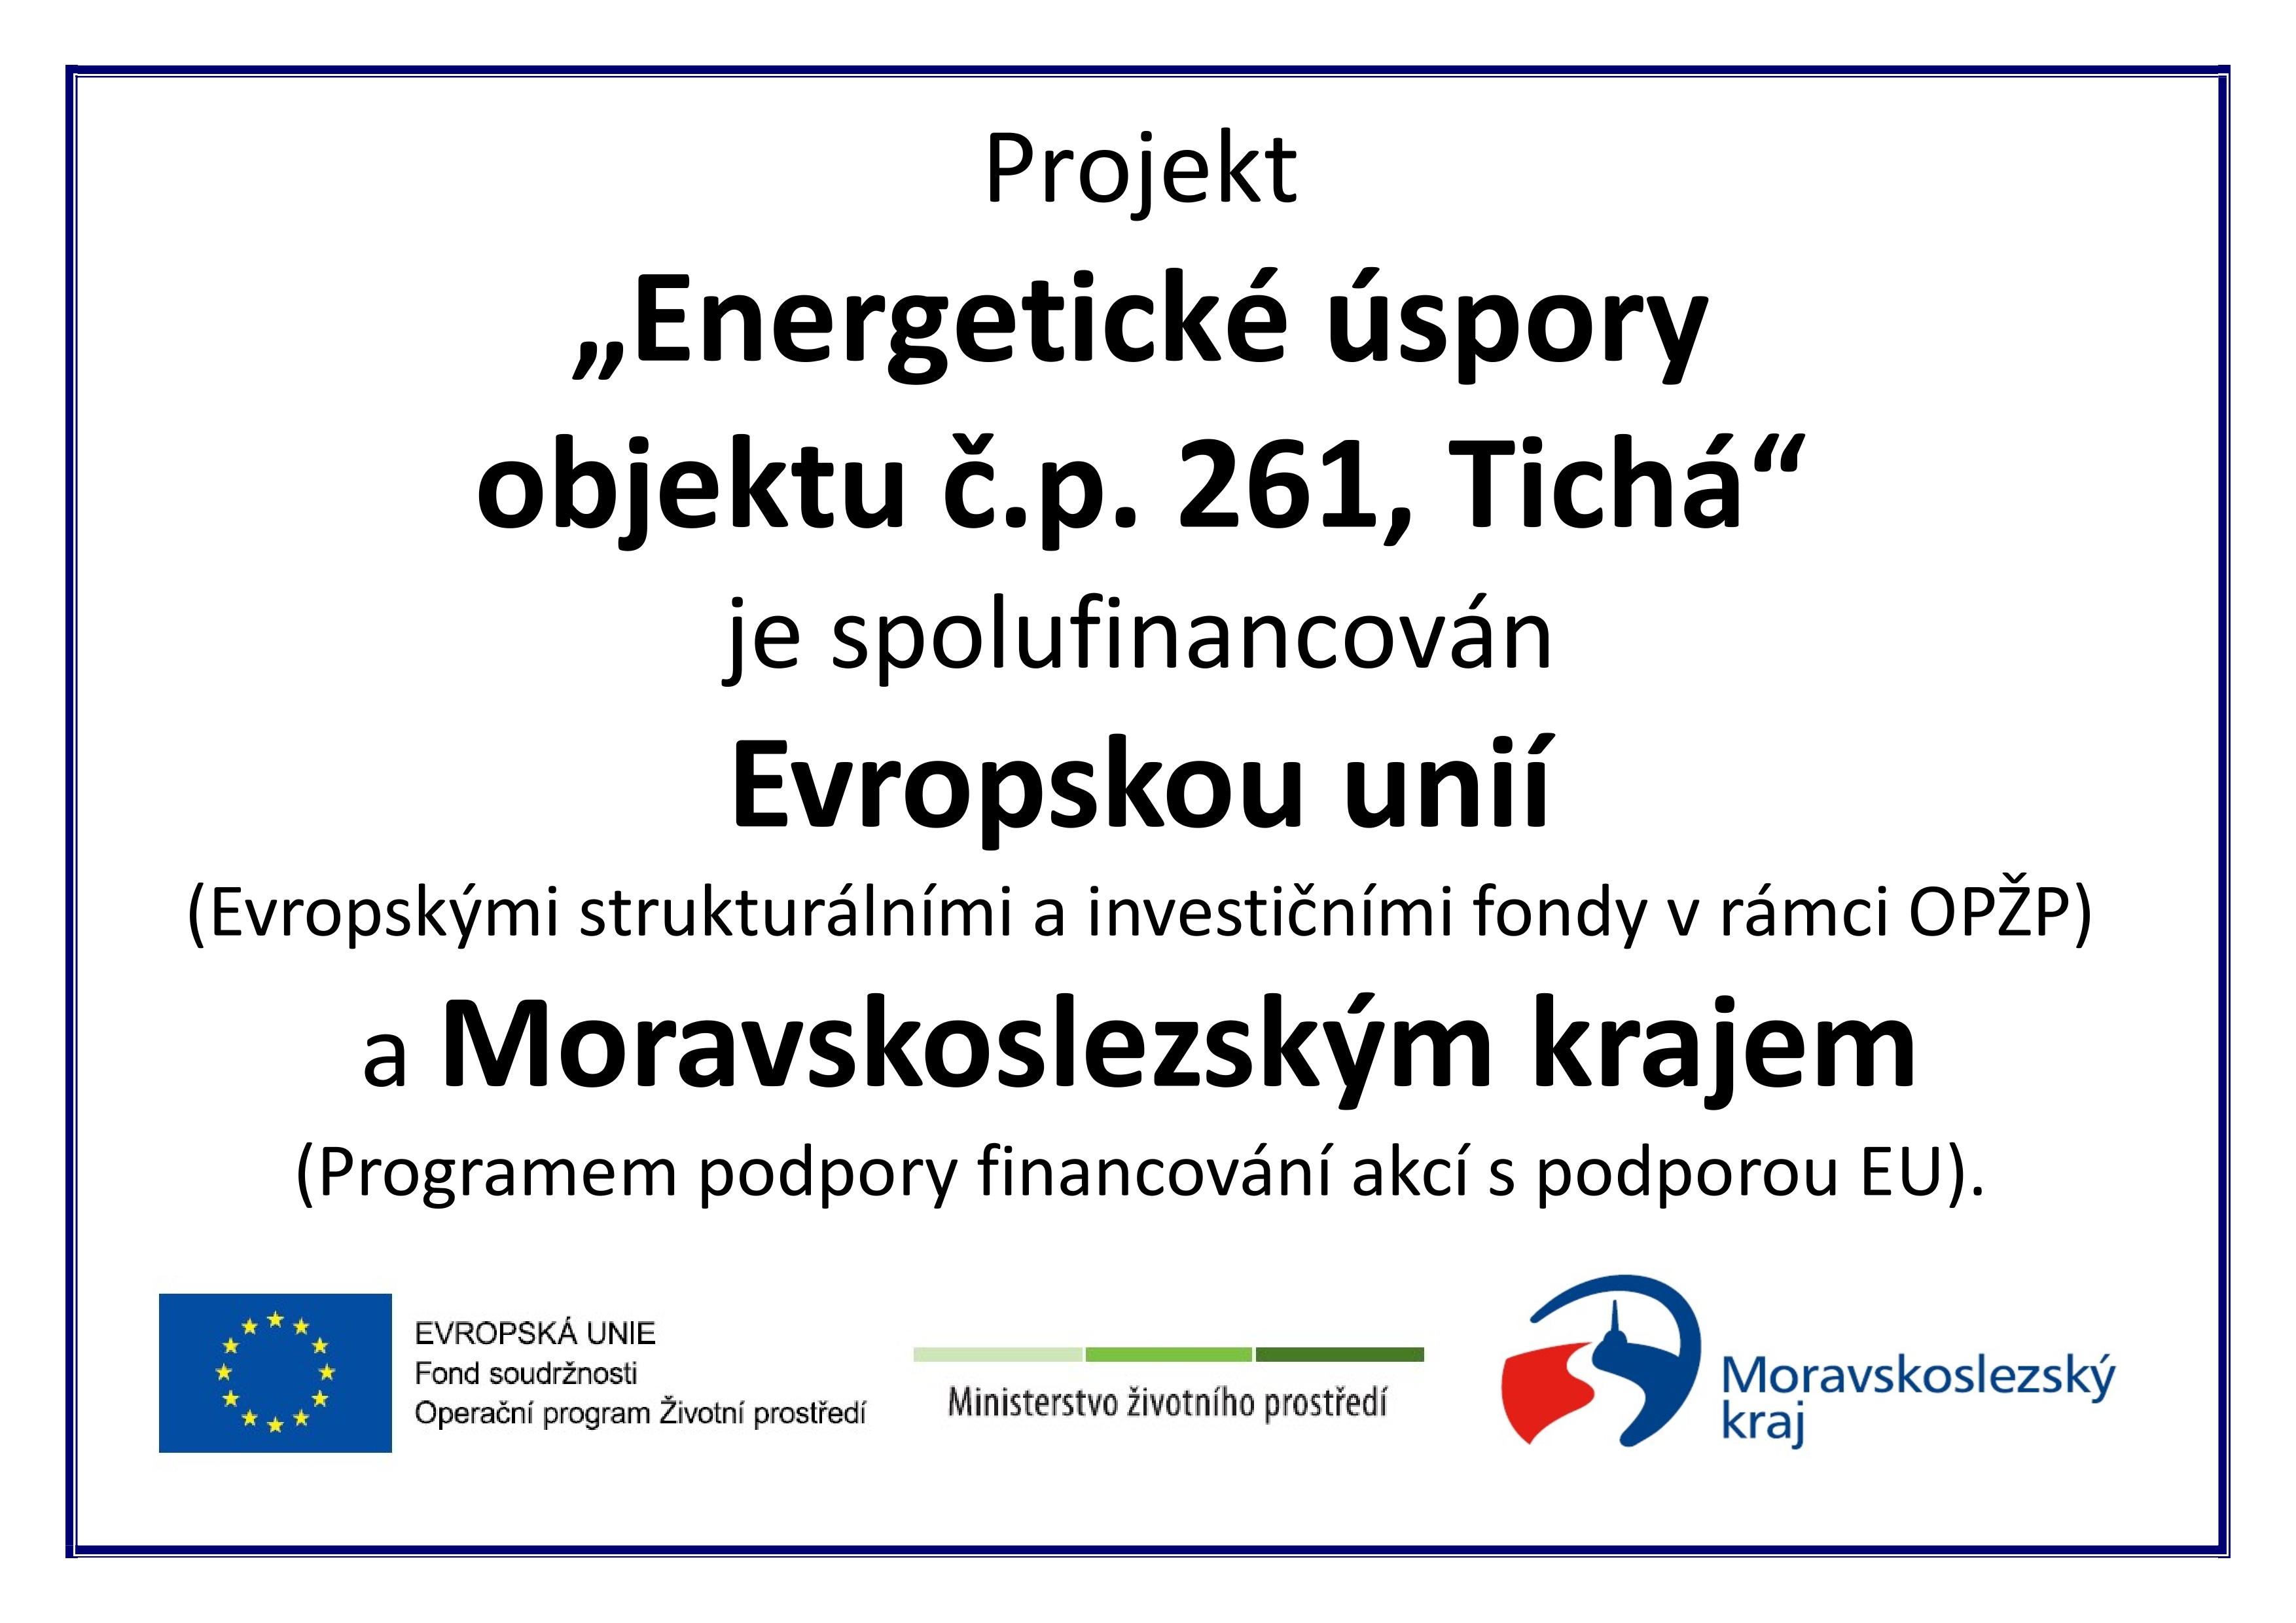 Energetické úspory objektu č.p. 261, Tichá - podpořeno Moravskoslezským krajem